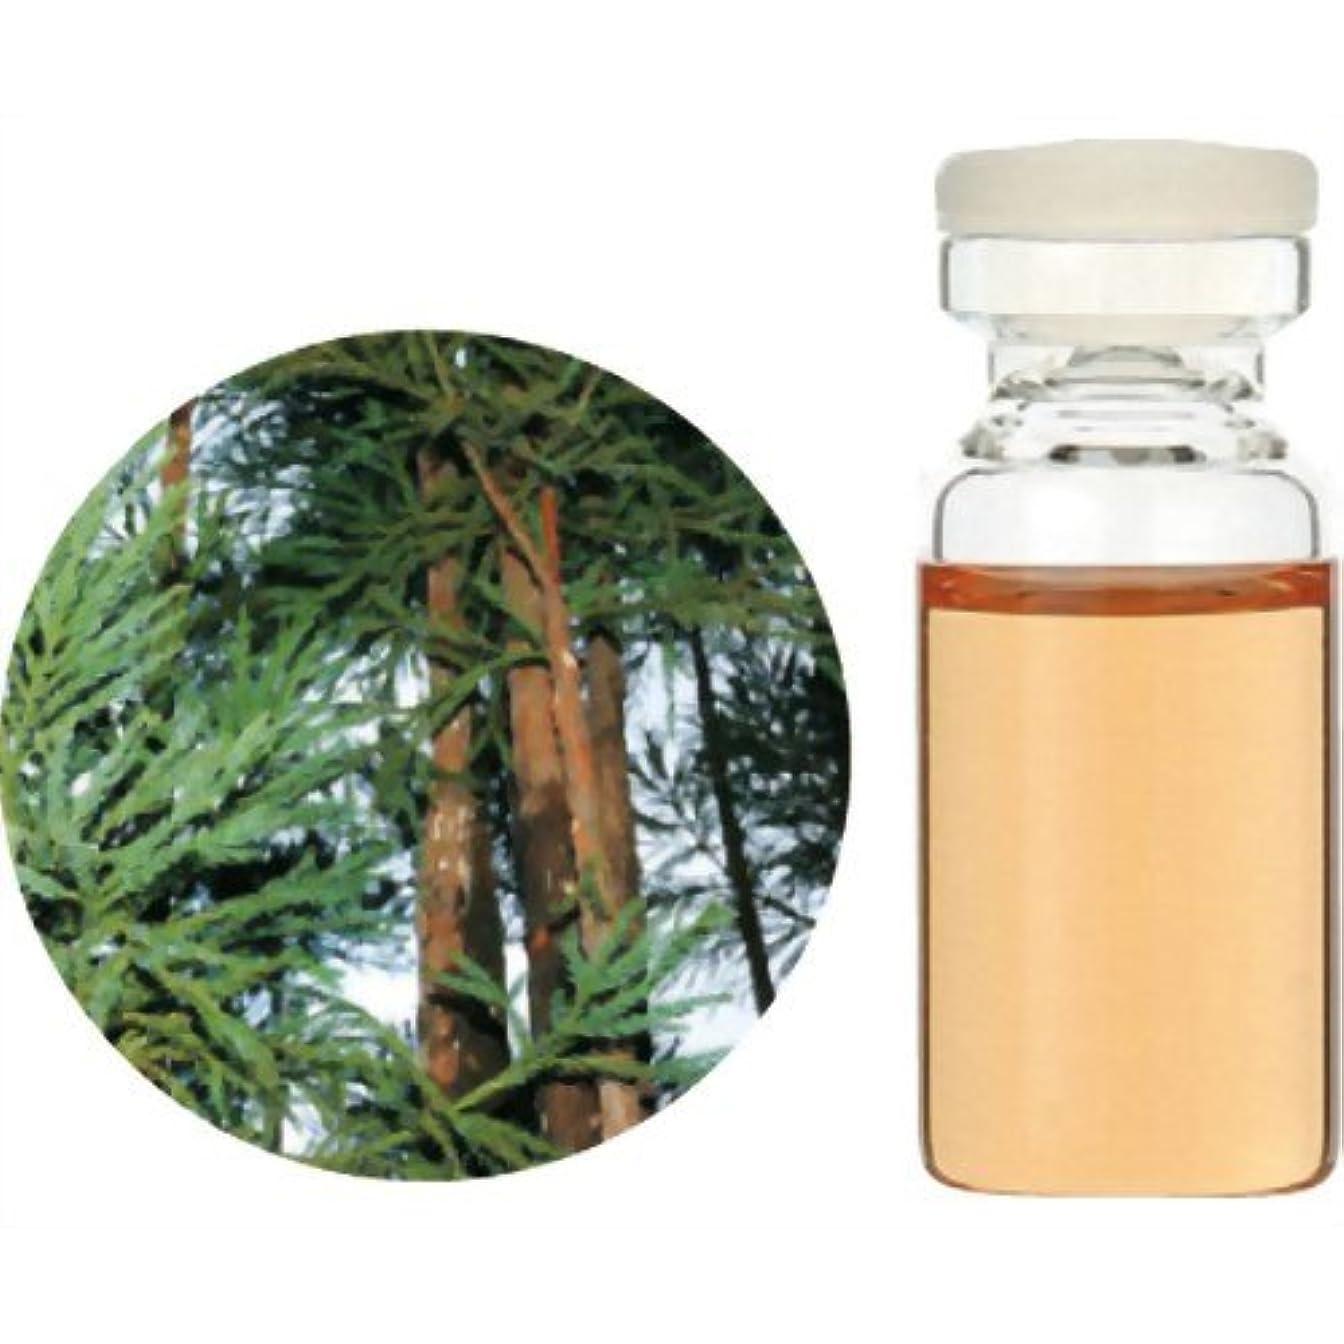 不実サミュエルモンク生活の木 Herbal Life 和精油 杉 木部 3ml